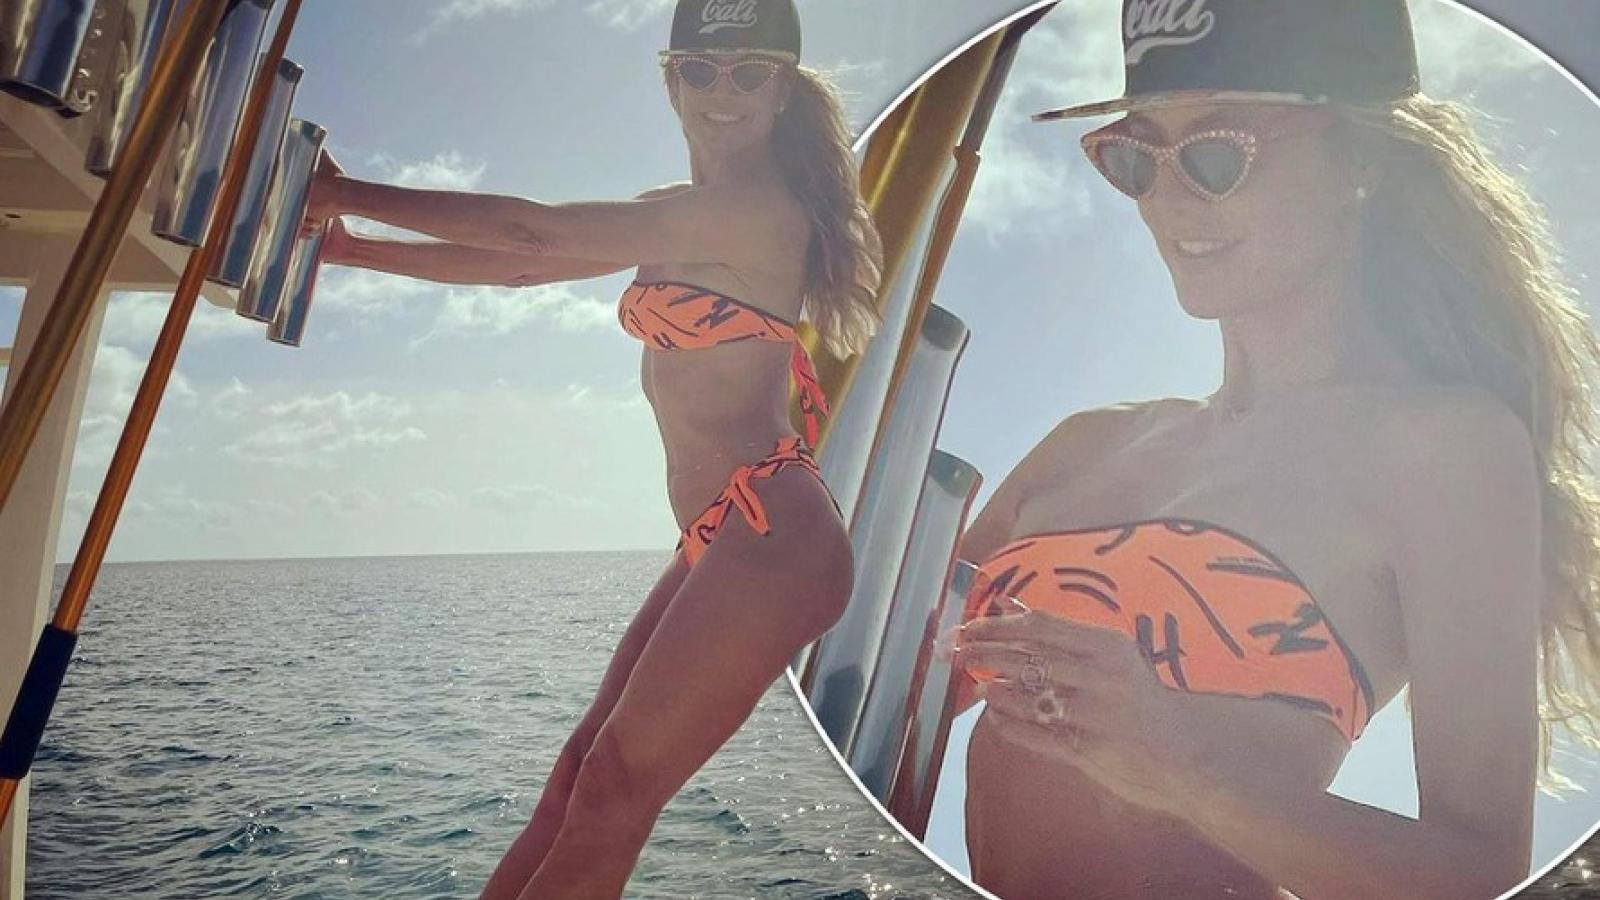 Siêu mẫu Heidi Klum gợi cảm với bikini hai mảnh ở tuổi U50